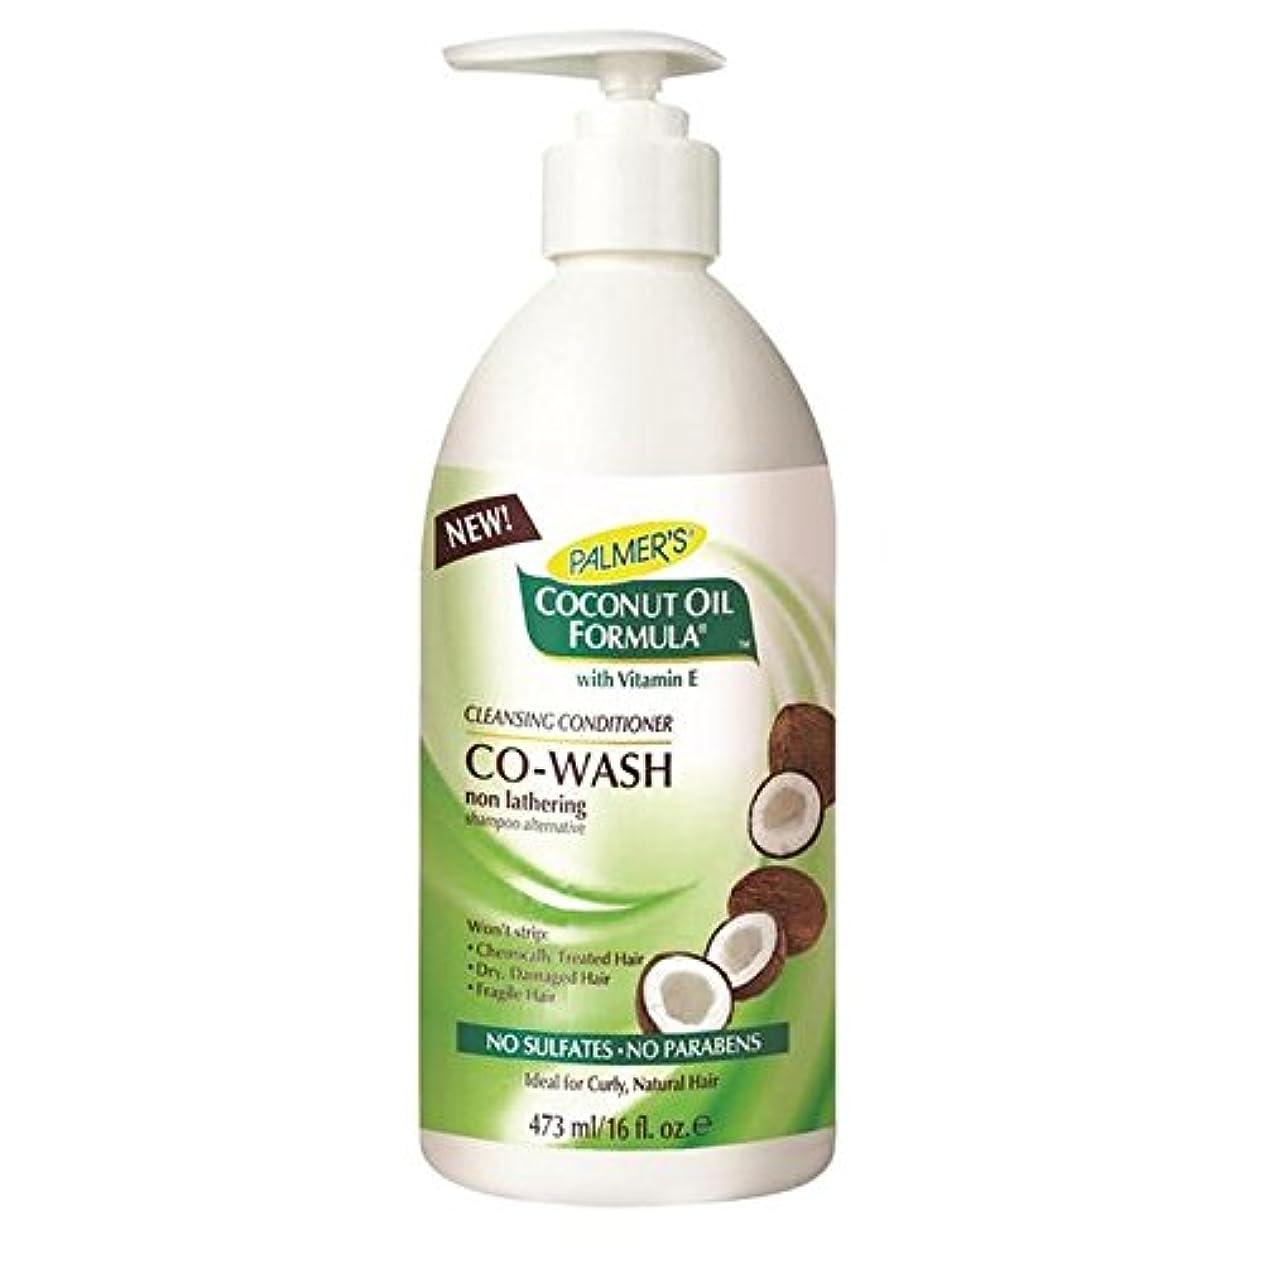 ヘビ忠実なダーベビルのテスパーマーのココナッツ式コウォッシュクレンジングコンディショナー、シャンプー代替473ミリリットル x4 - Palmer's Coconut Formula Co-Wash Cleansing Conditioner,...